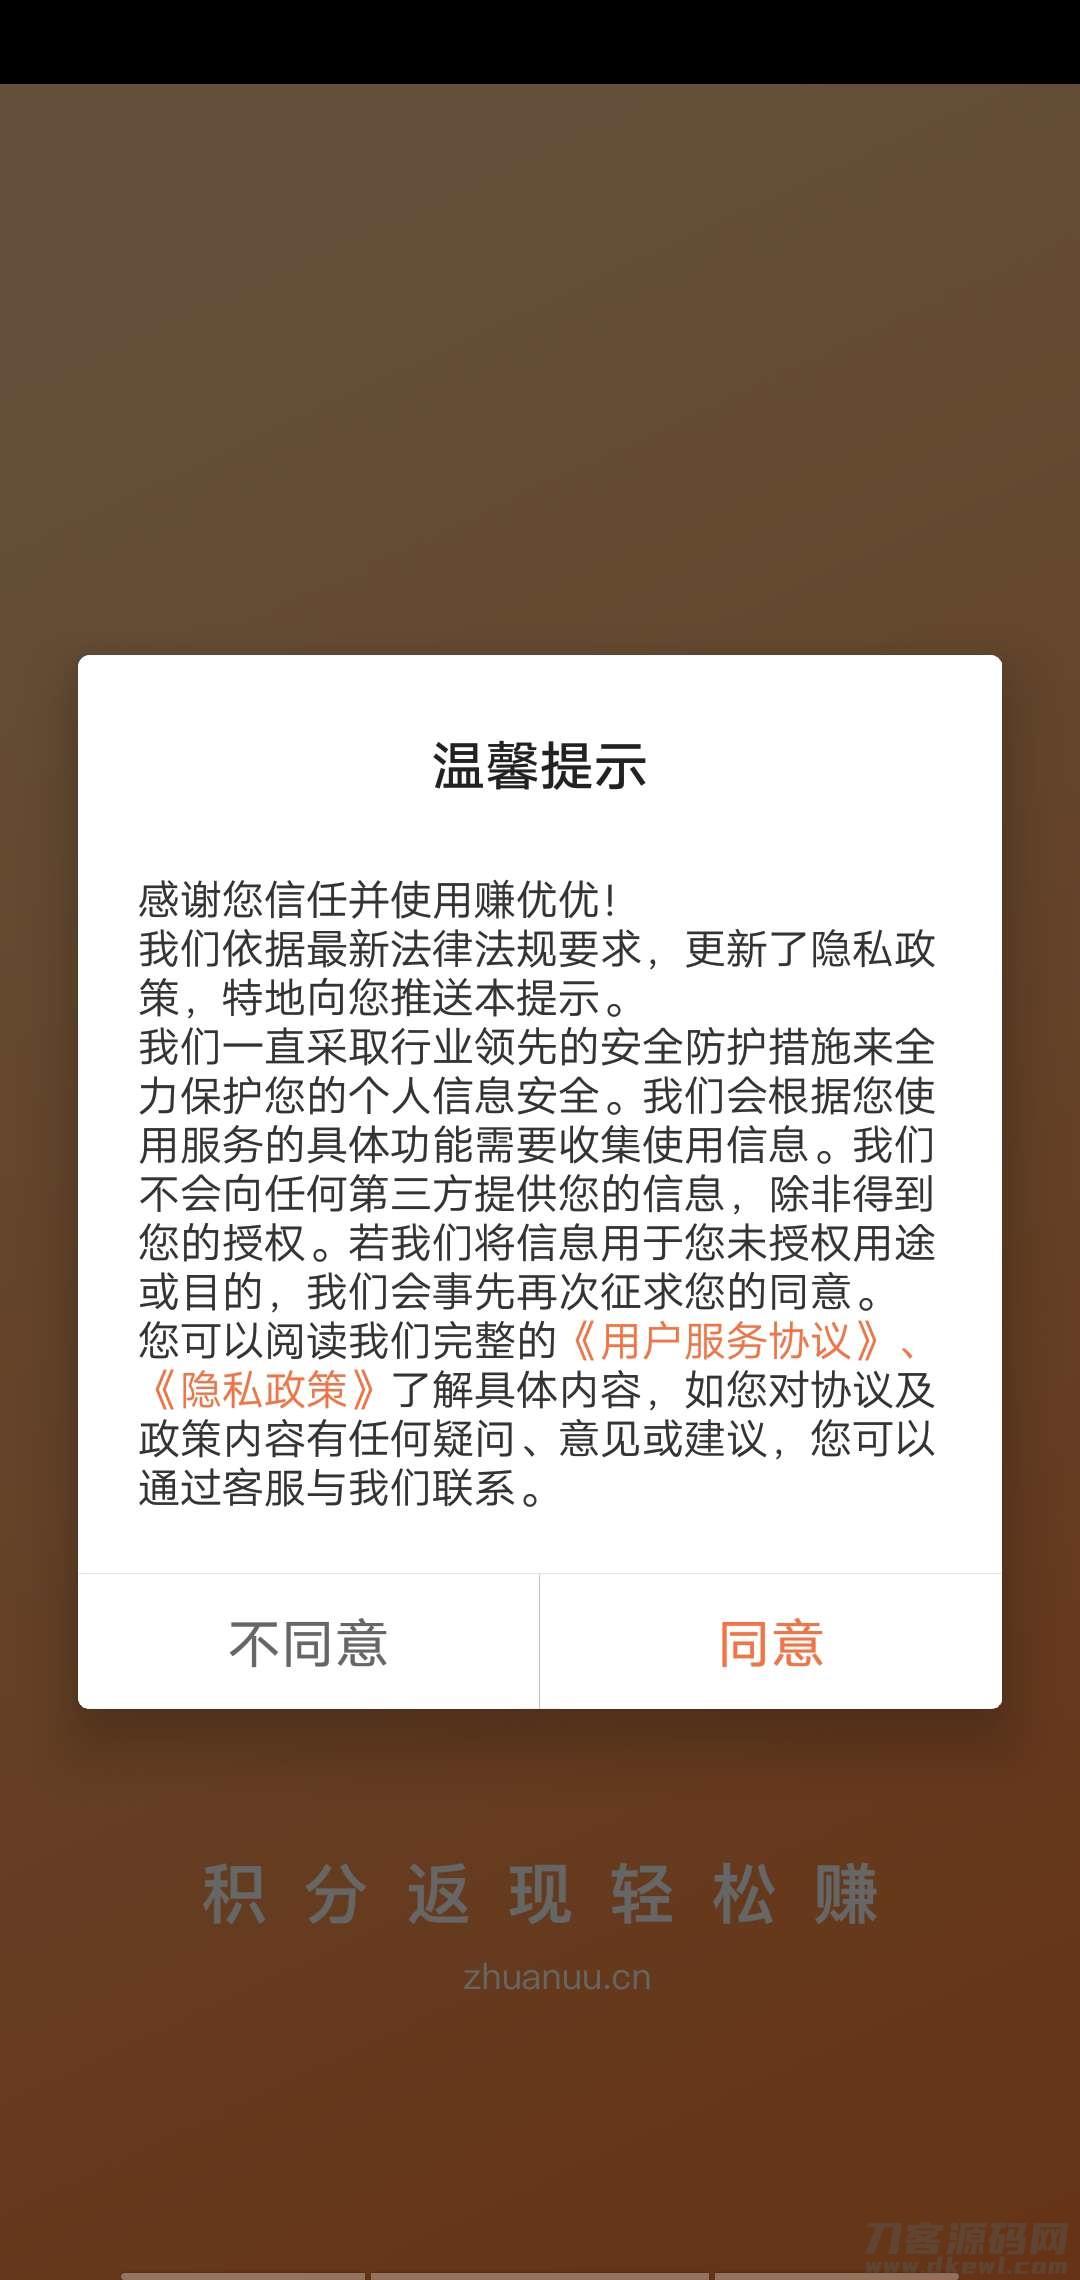 【现金红包】转优新用户5元(需实名认证)插图1